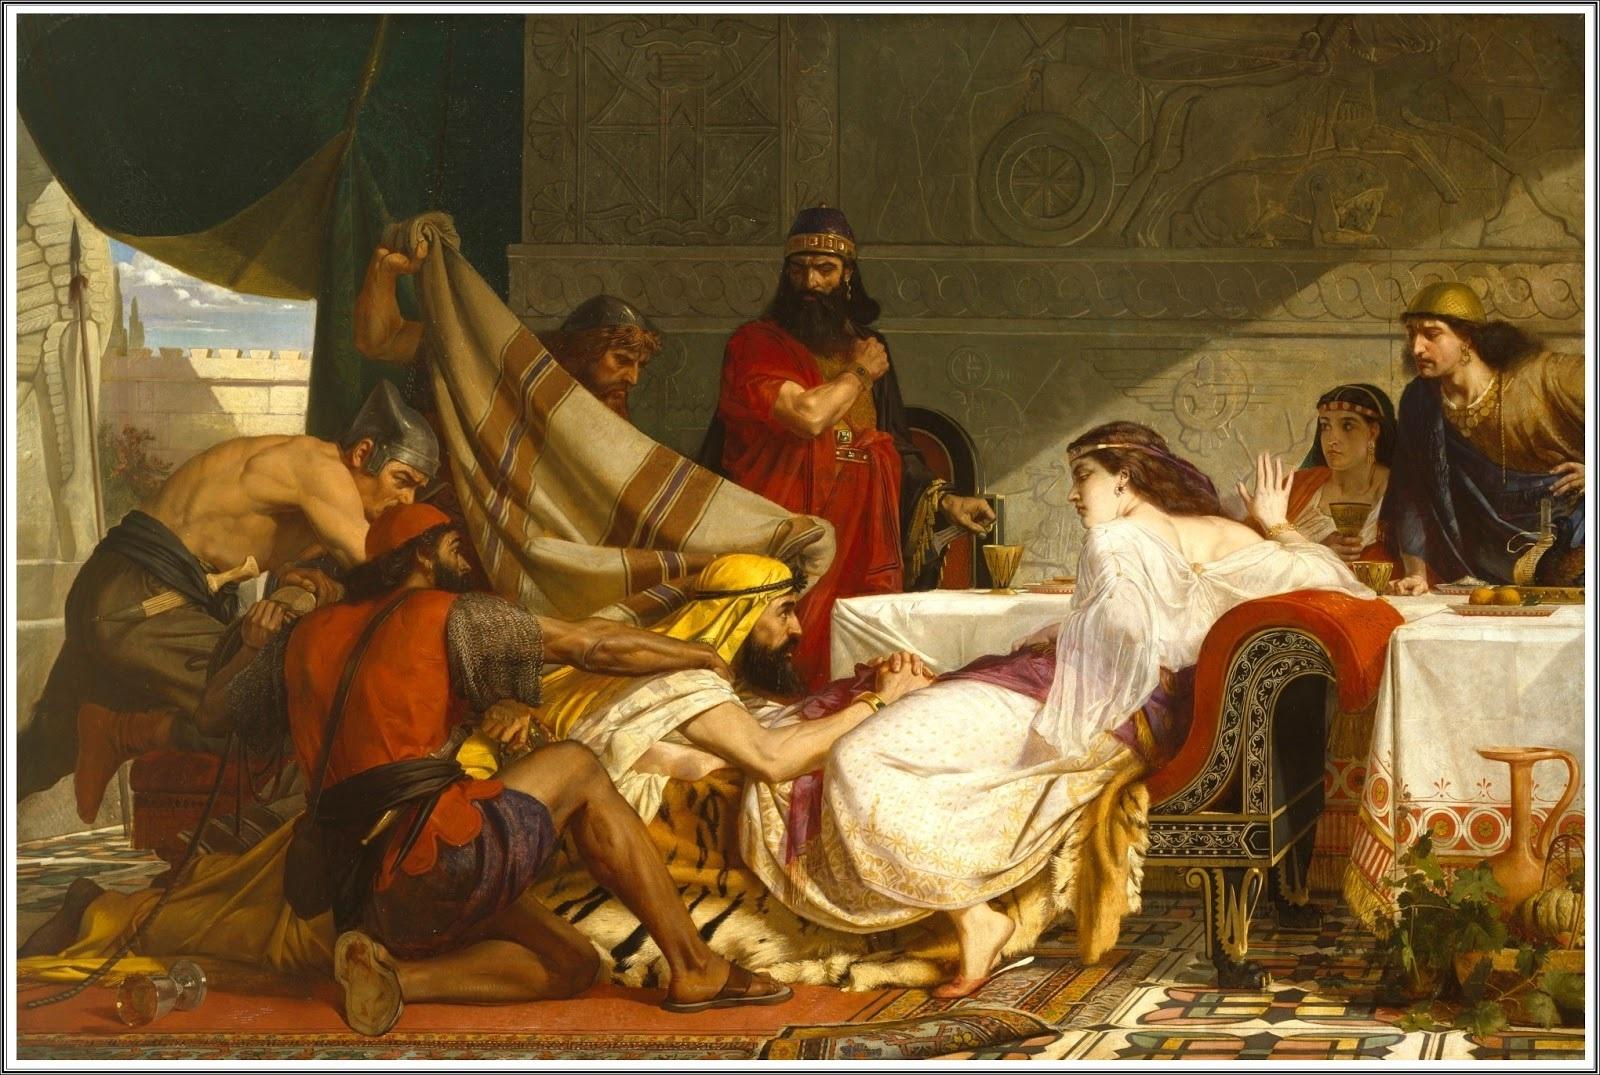 上图:英国画家爱德华·阿米蒂奇(Edward Armitage,1817-1896)1865年的油画作品《以斯帖的筵席 The Festival of Esther》,描绘「哈曼伏在以斯帖所靠的榻上」(斯七8),向她求情。